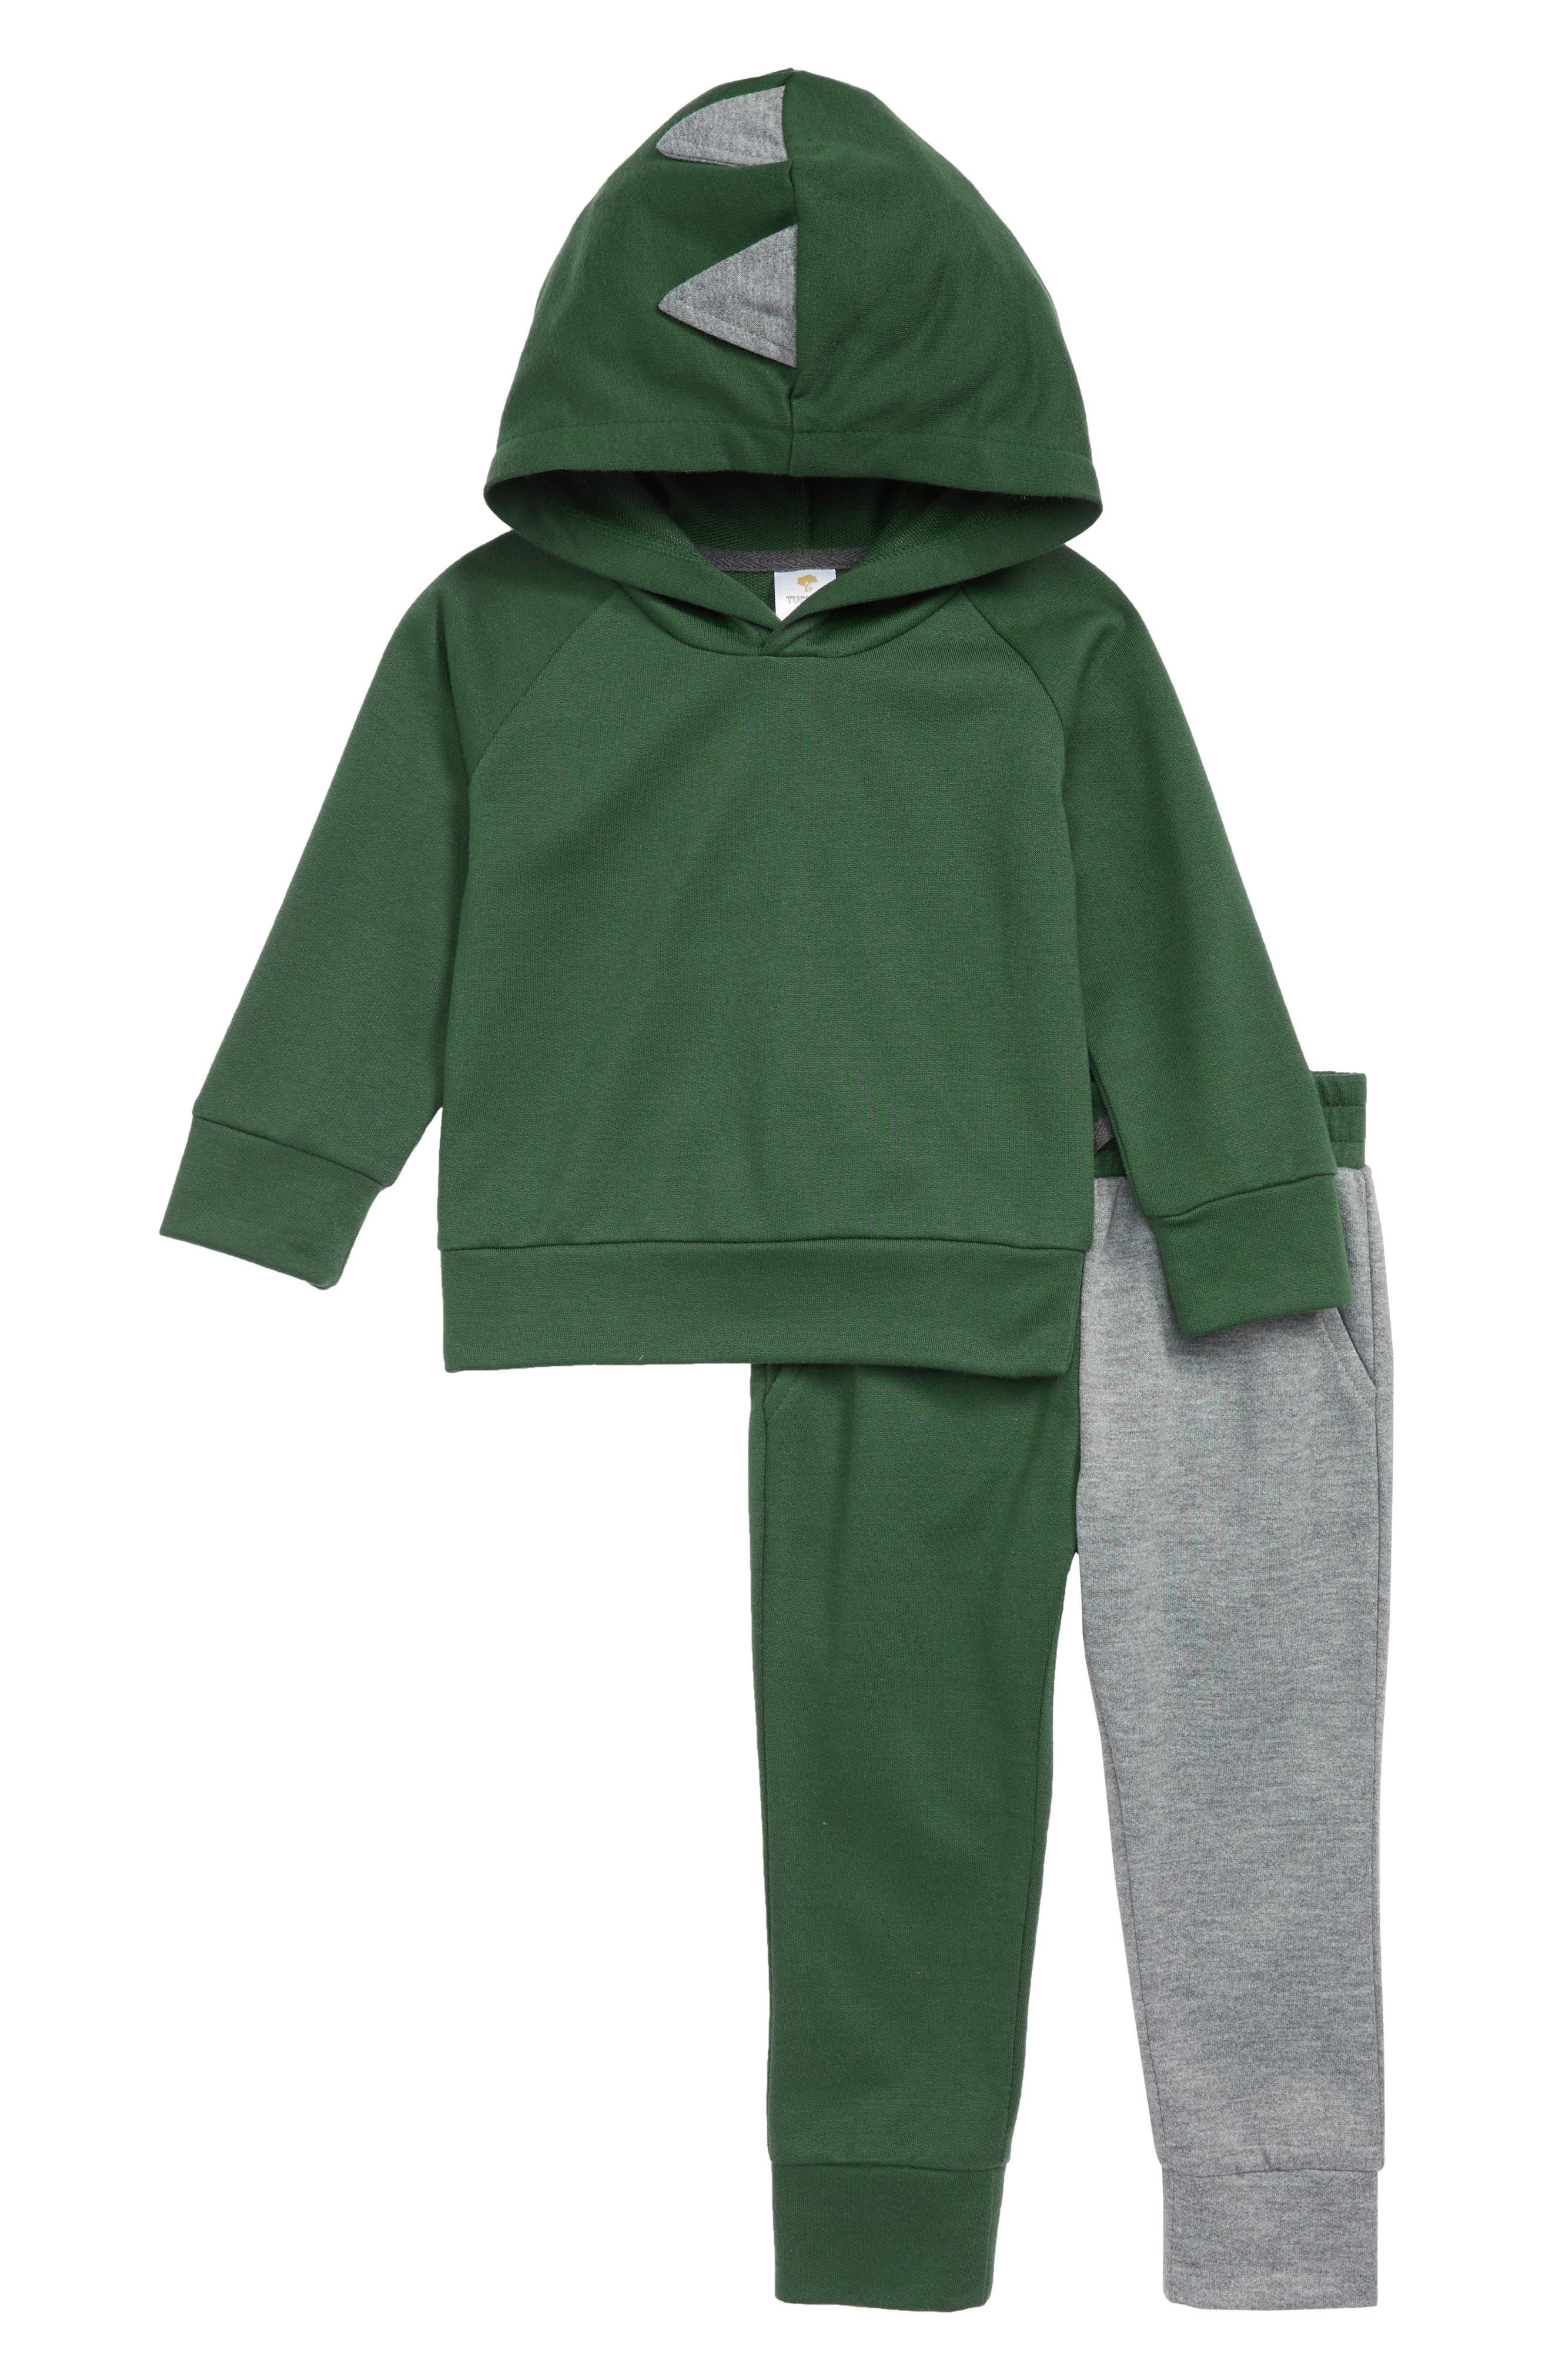 Dinosaur 2-Piece Hoodie Pajamas,                             Main thumbnail 1, color,                             GREEN PINECONE